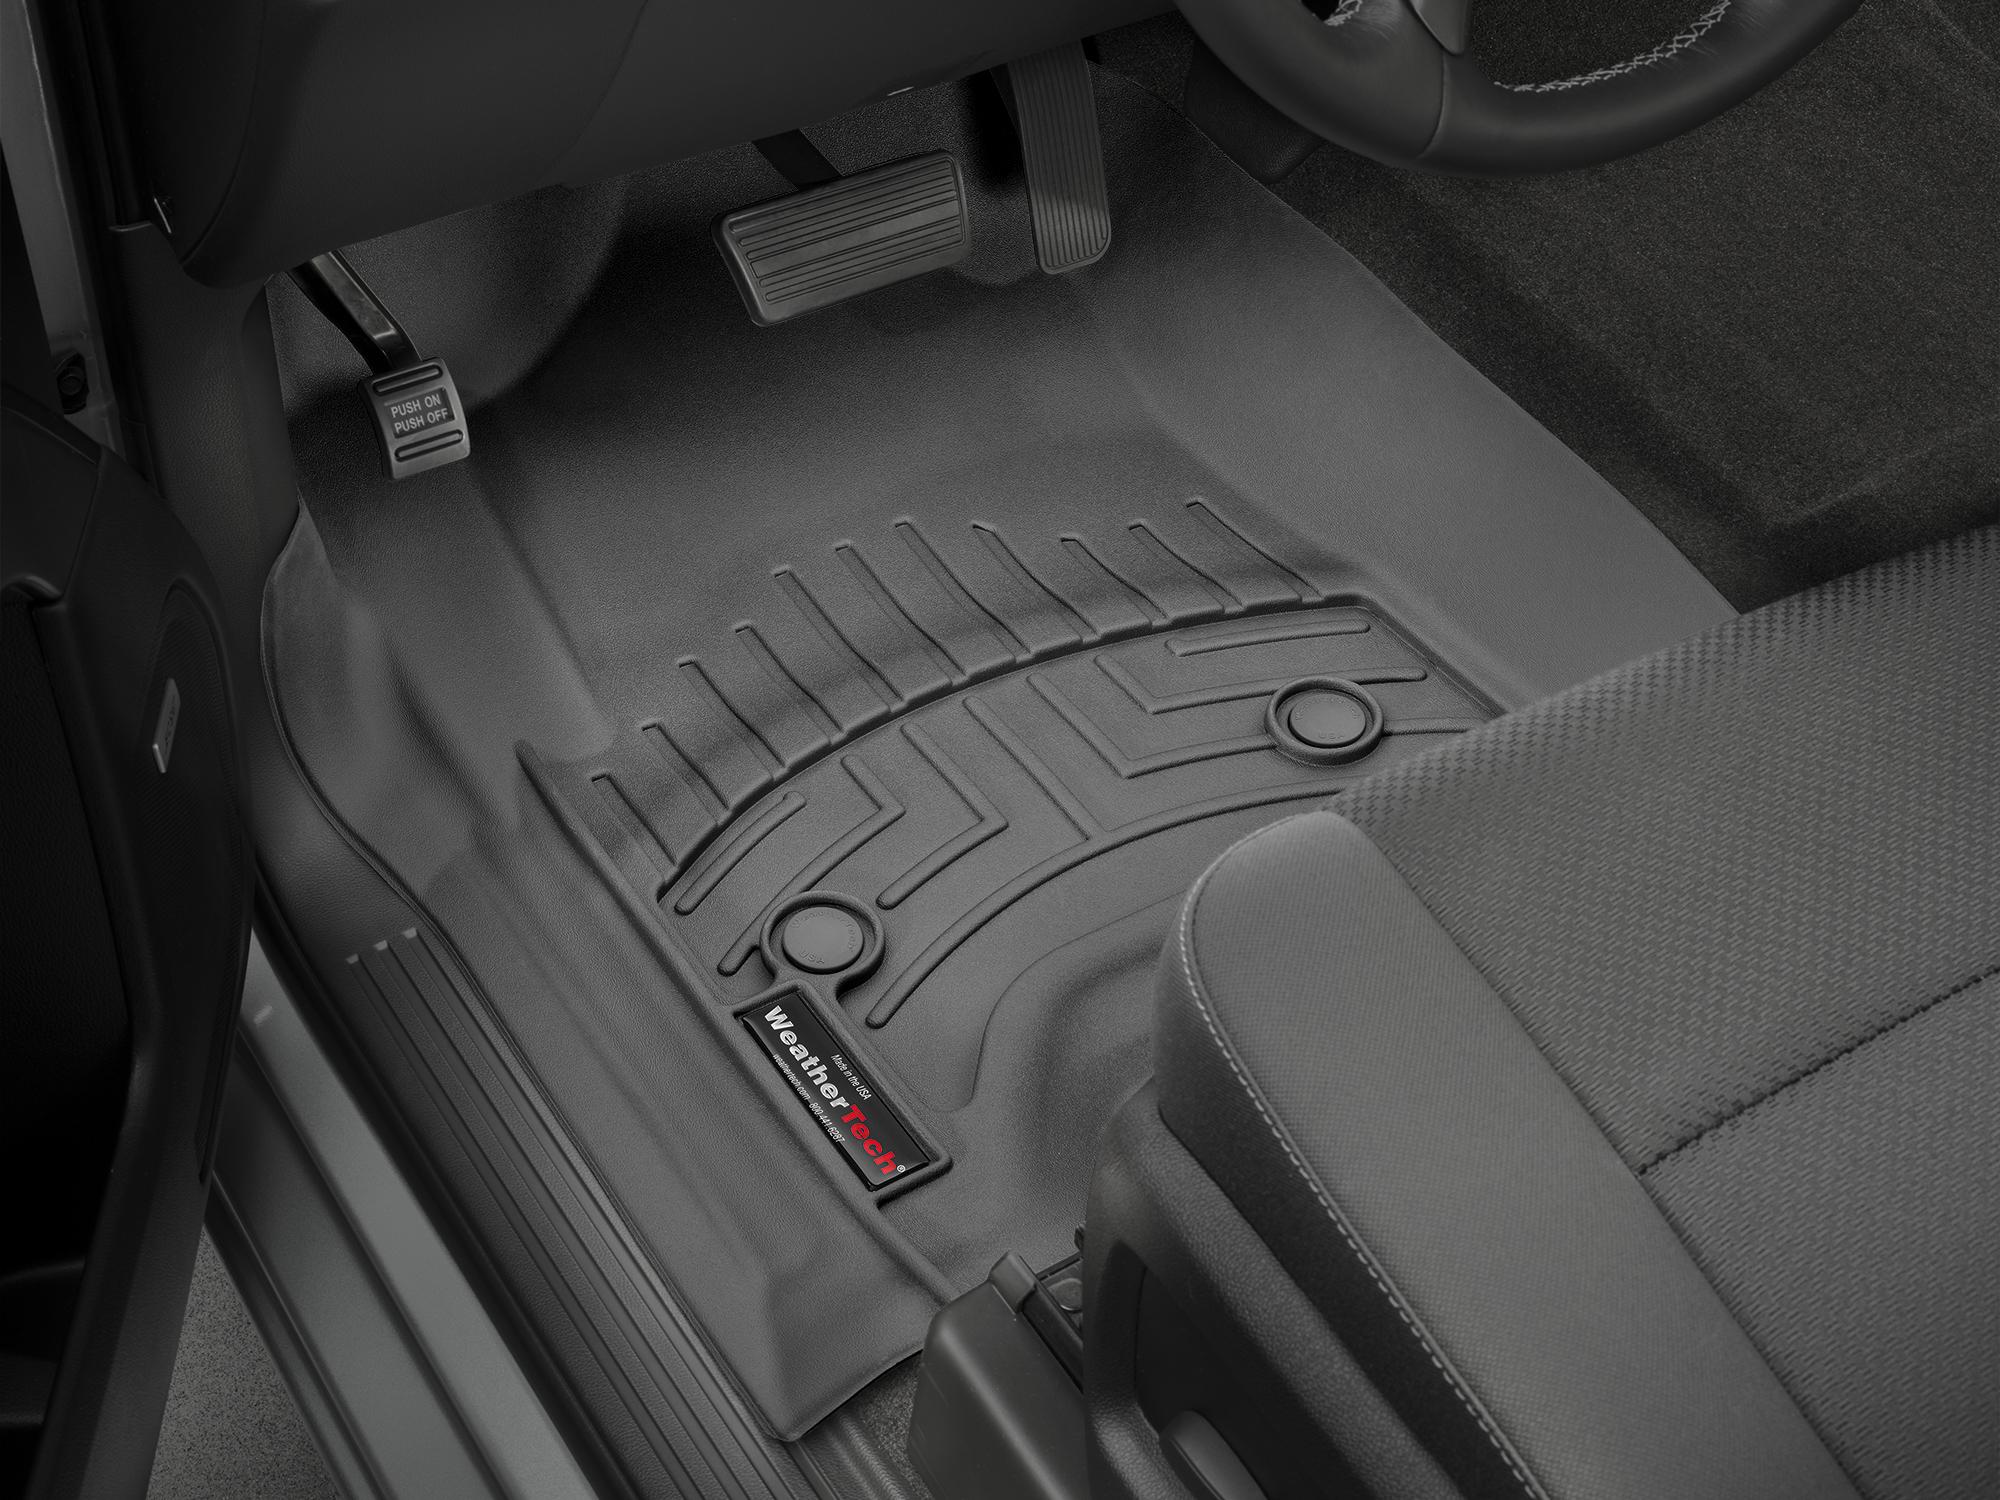 Tappeti gomma su misura bordo alto Chevrolet Silverado 14>17 Nero A195